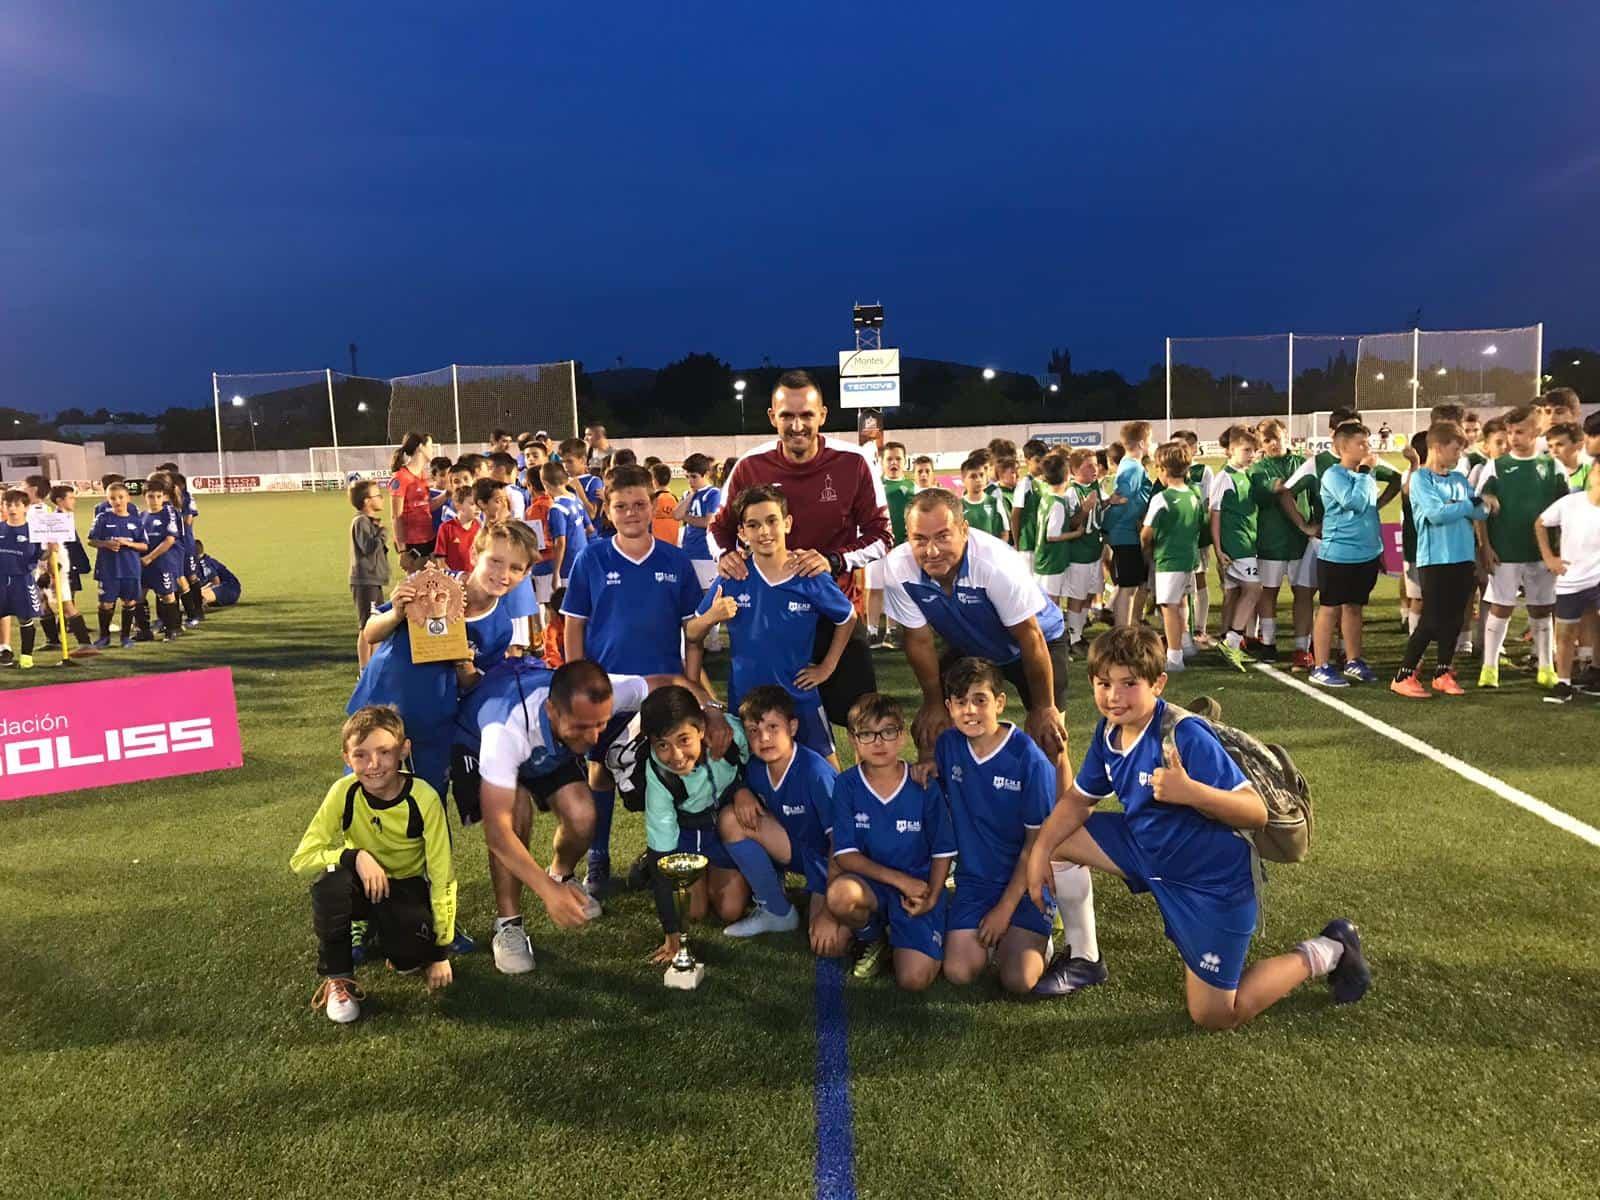 """VII Torneo futbol 8 soledad herencia 5 - Más de 300 chavales se dieron cita en el VIII Torneo de Fútbol-8 """"Virgen de la Soledad"""""""